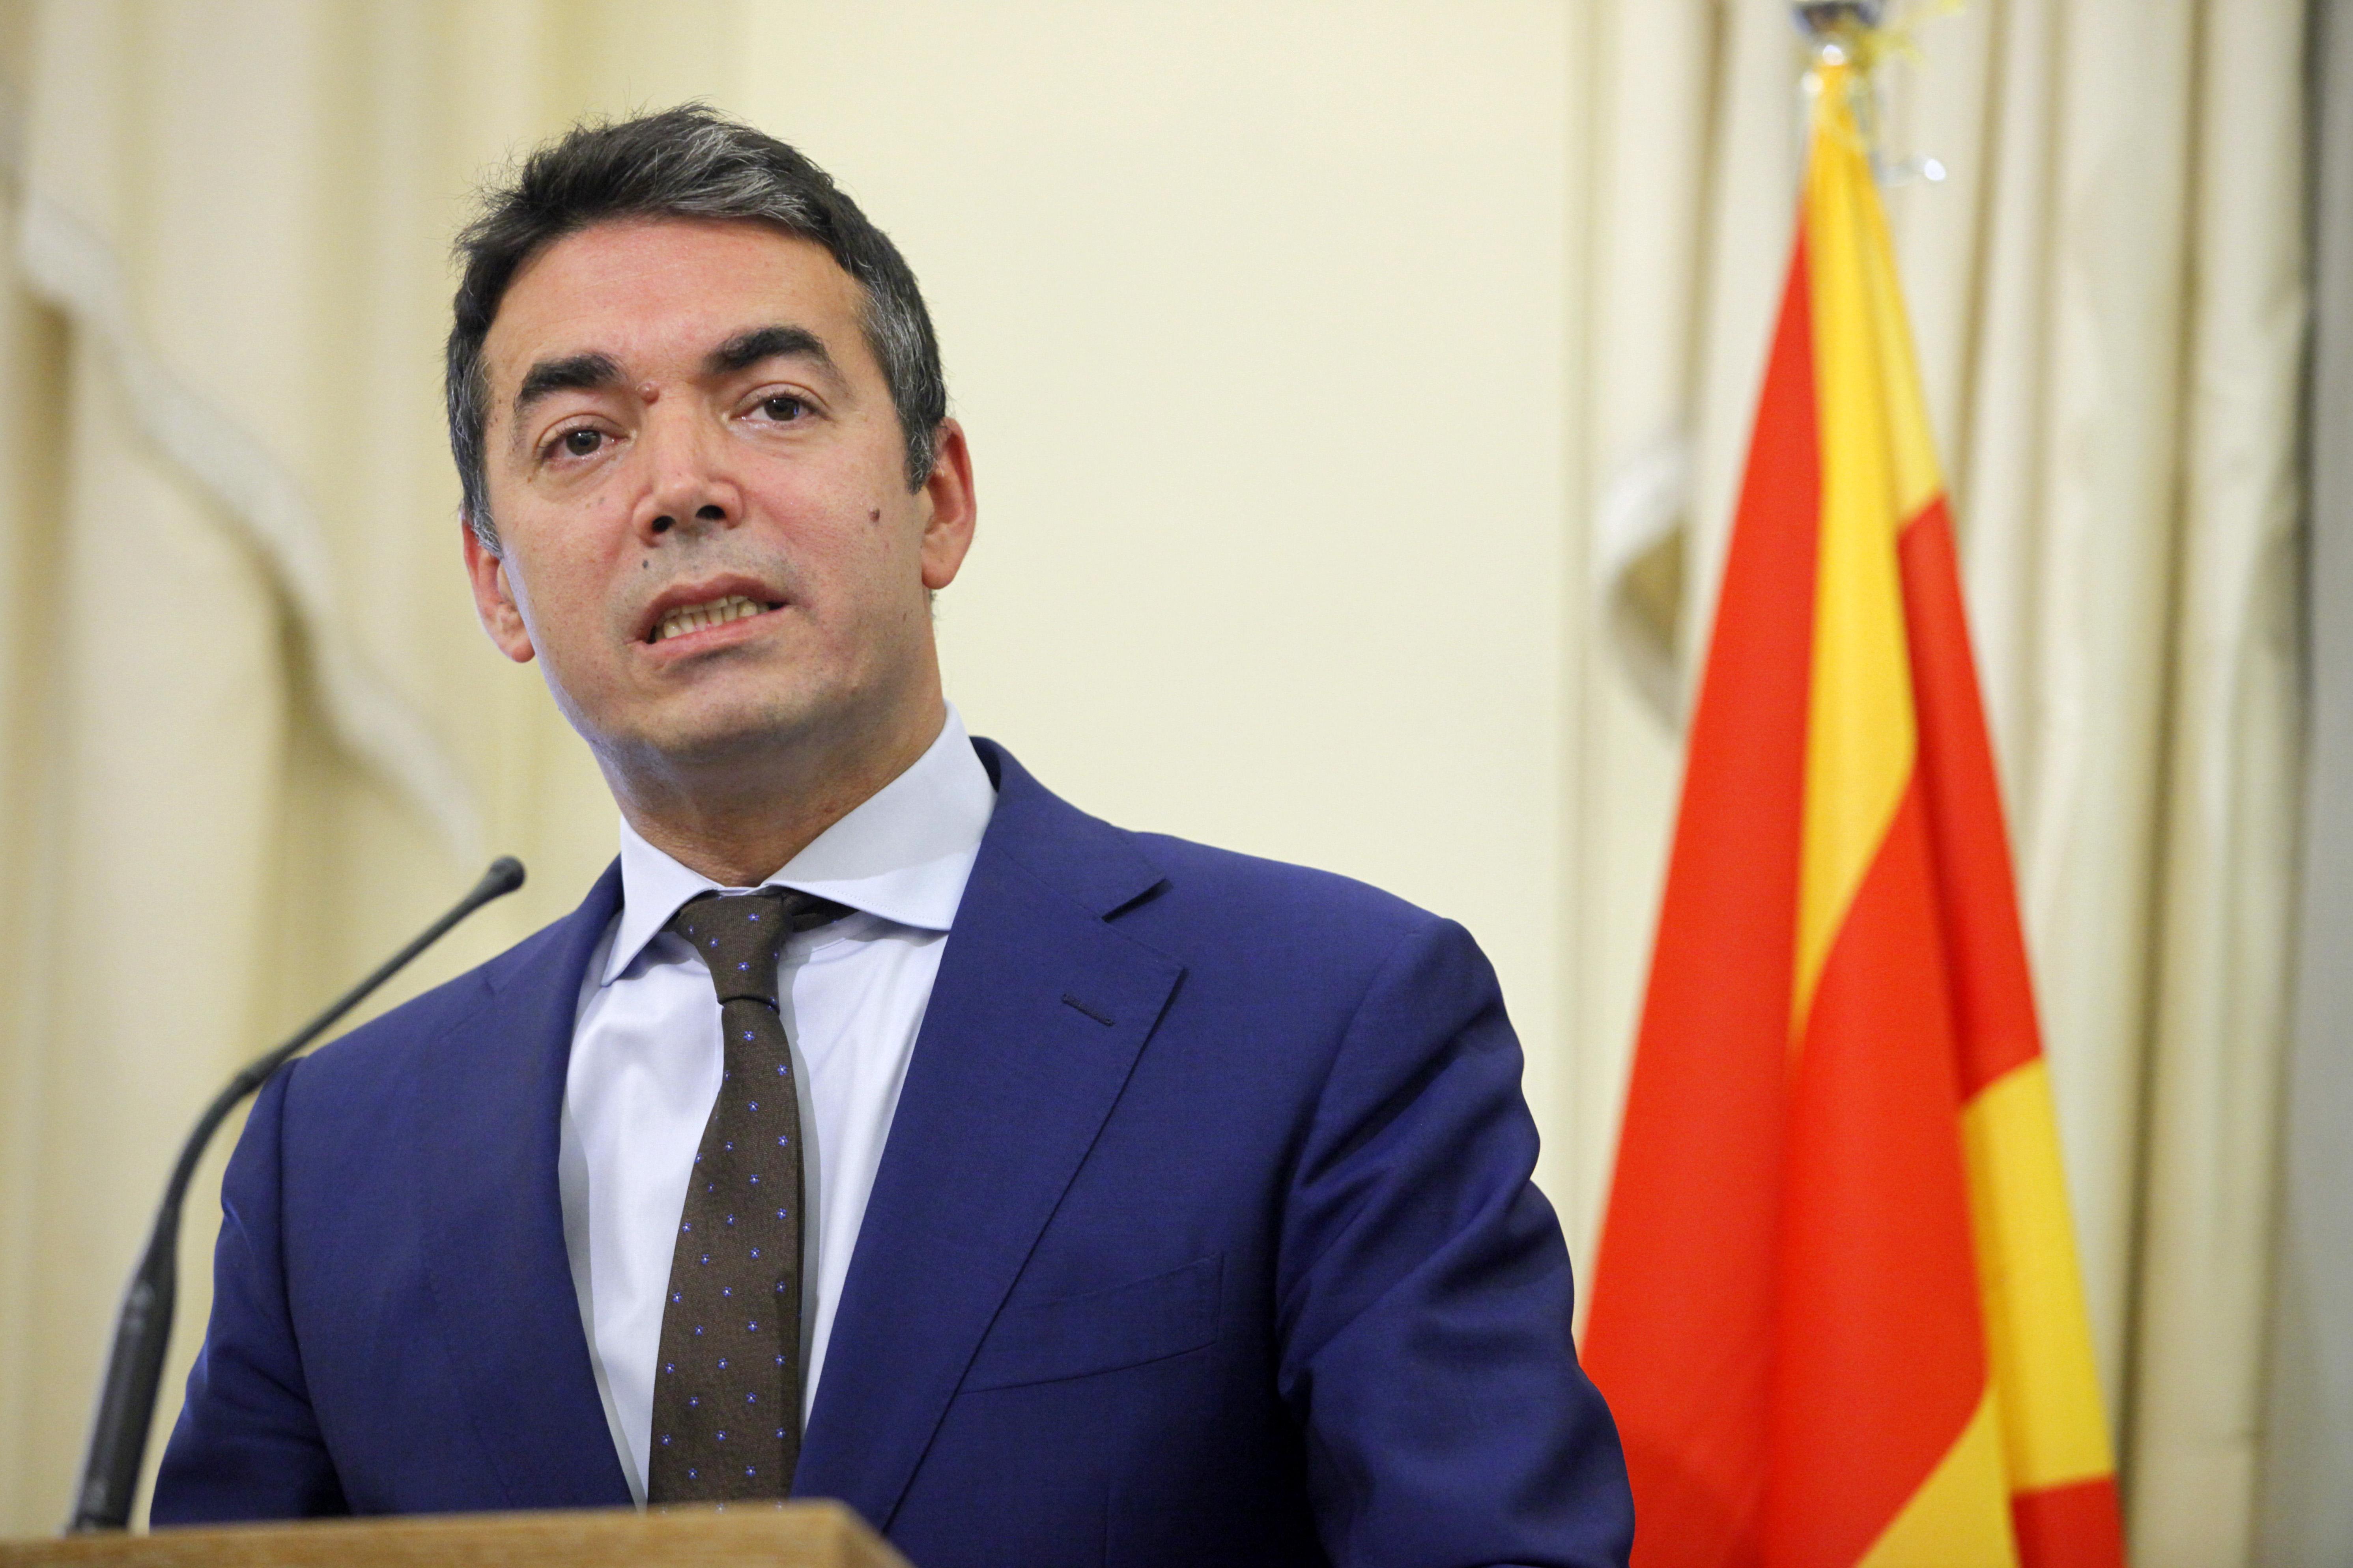 Παπανδρέου – Ντιμιτρόφ: Συνάντηση για την ειρήνη στα Βαλκάνια | tovima.gr